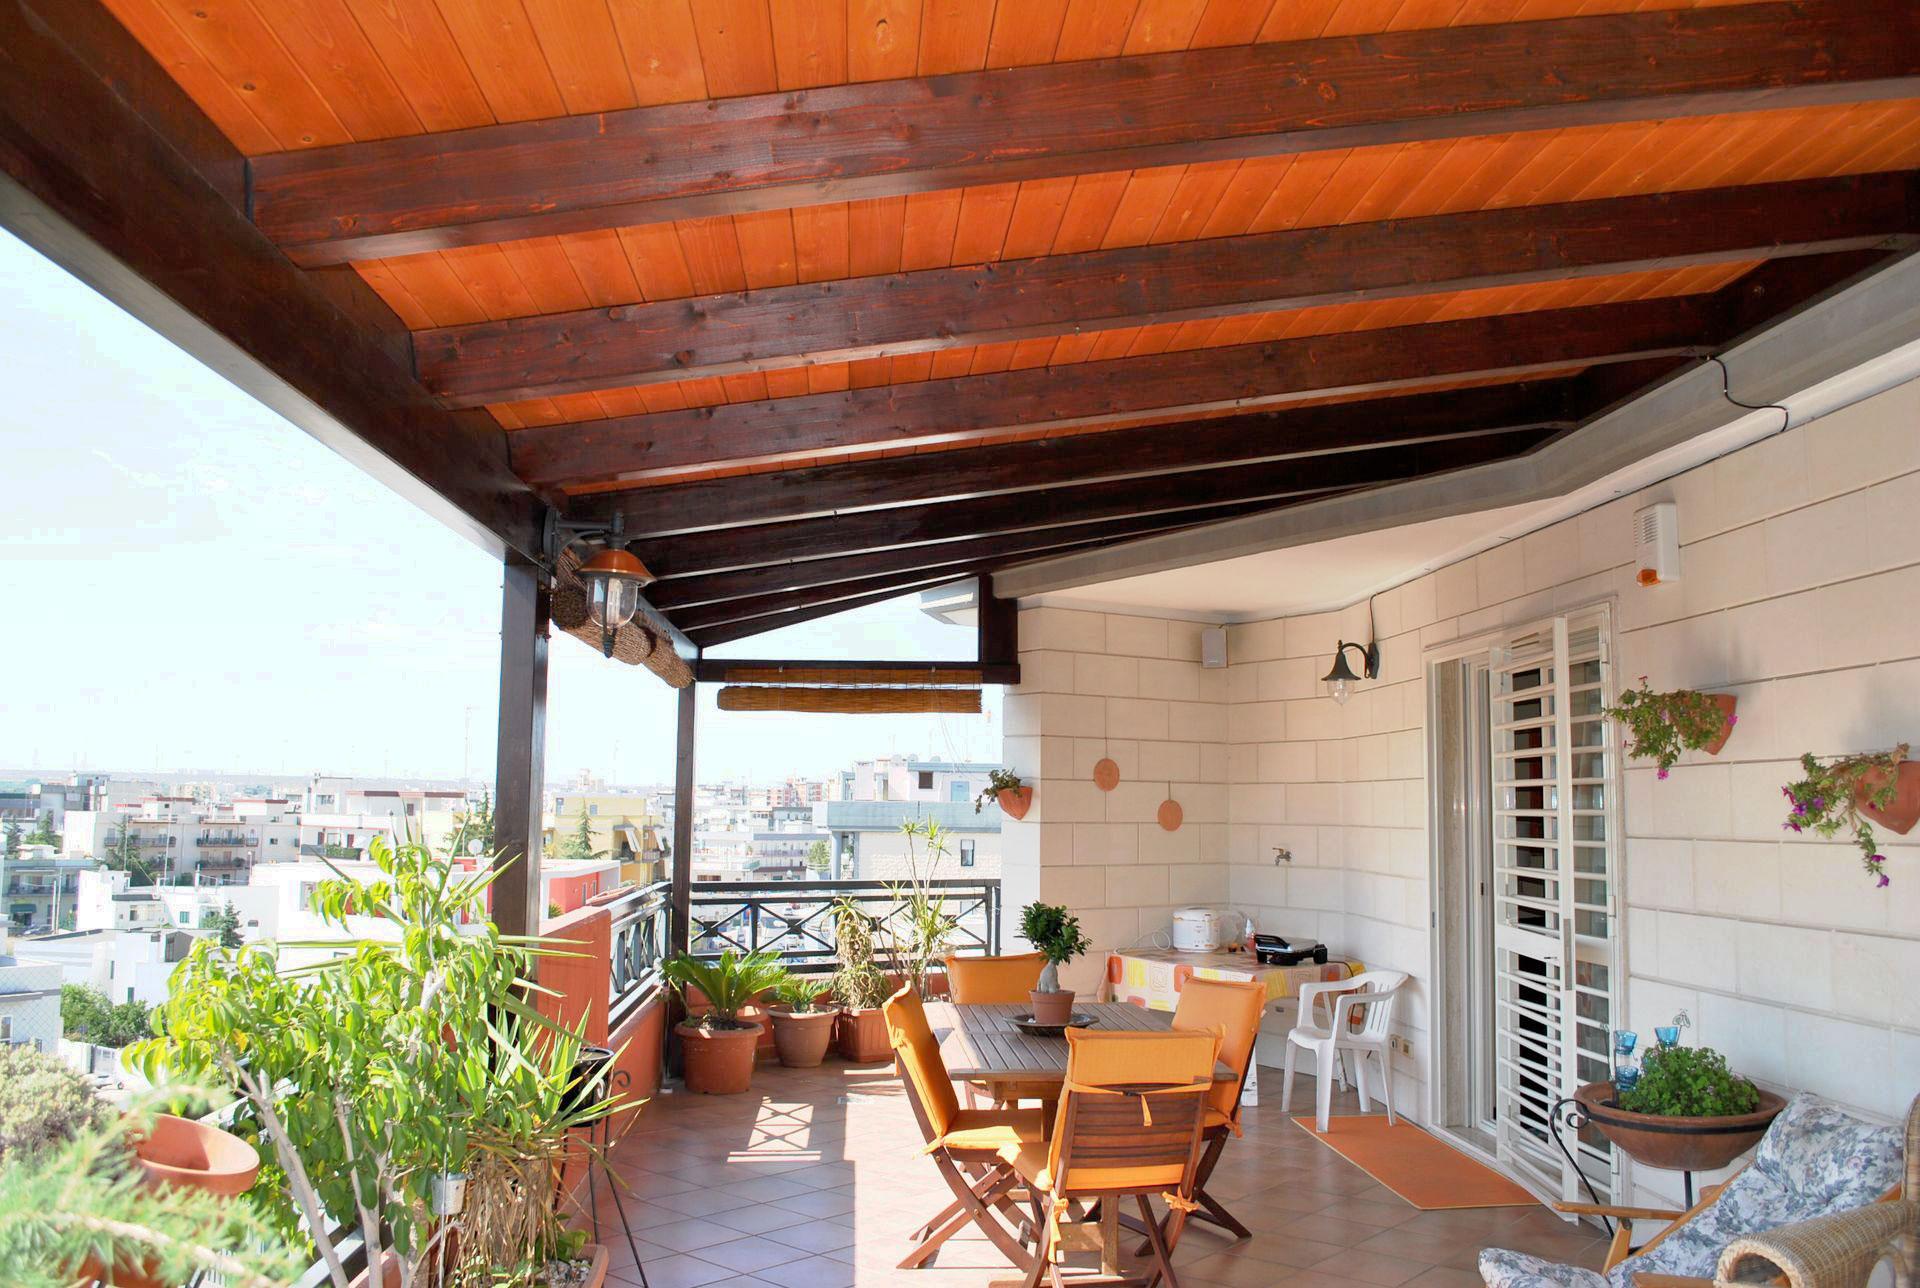 Copertura a due falde con lucernari - Mobile terrazzo legno ...